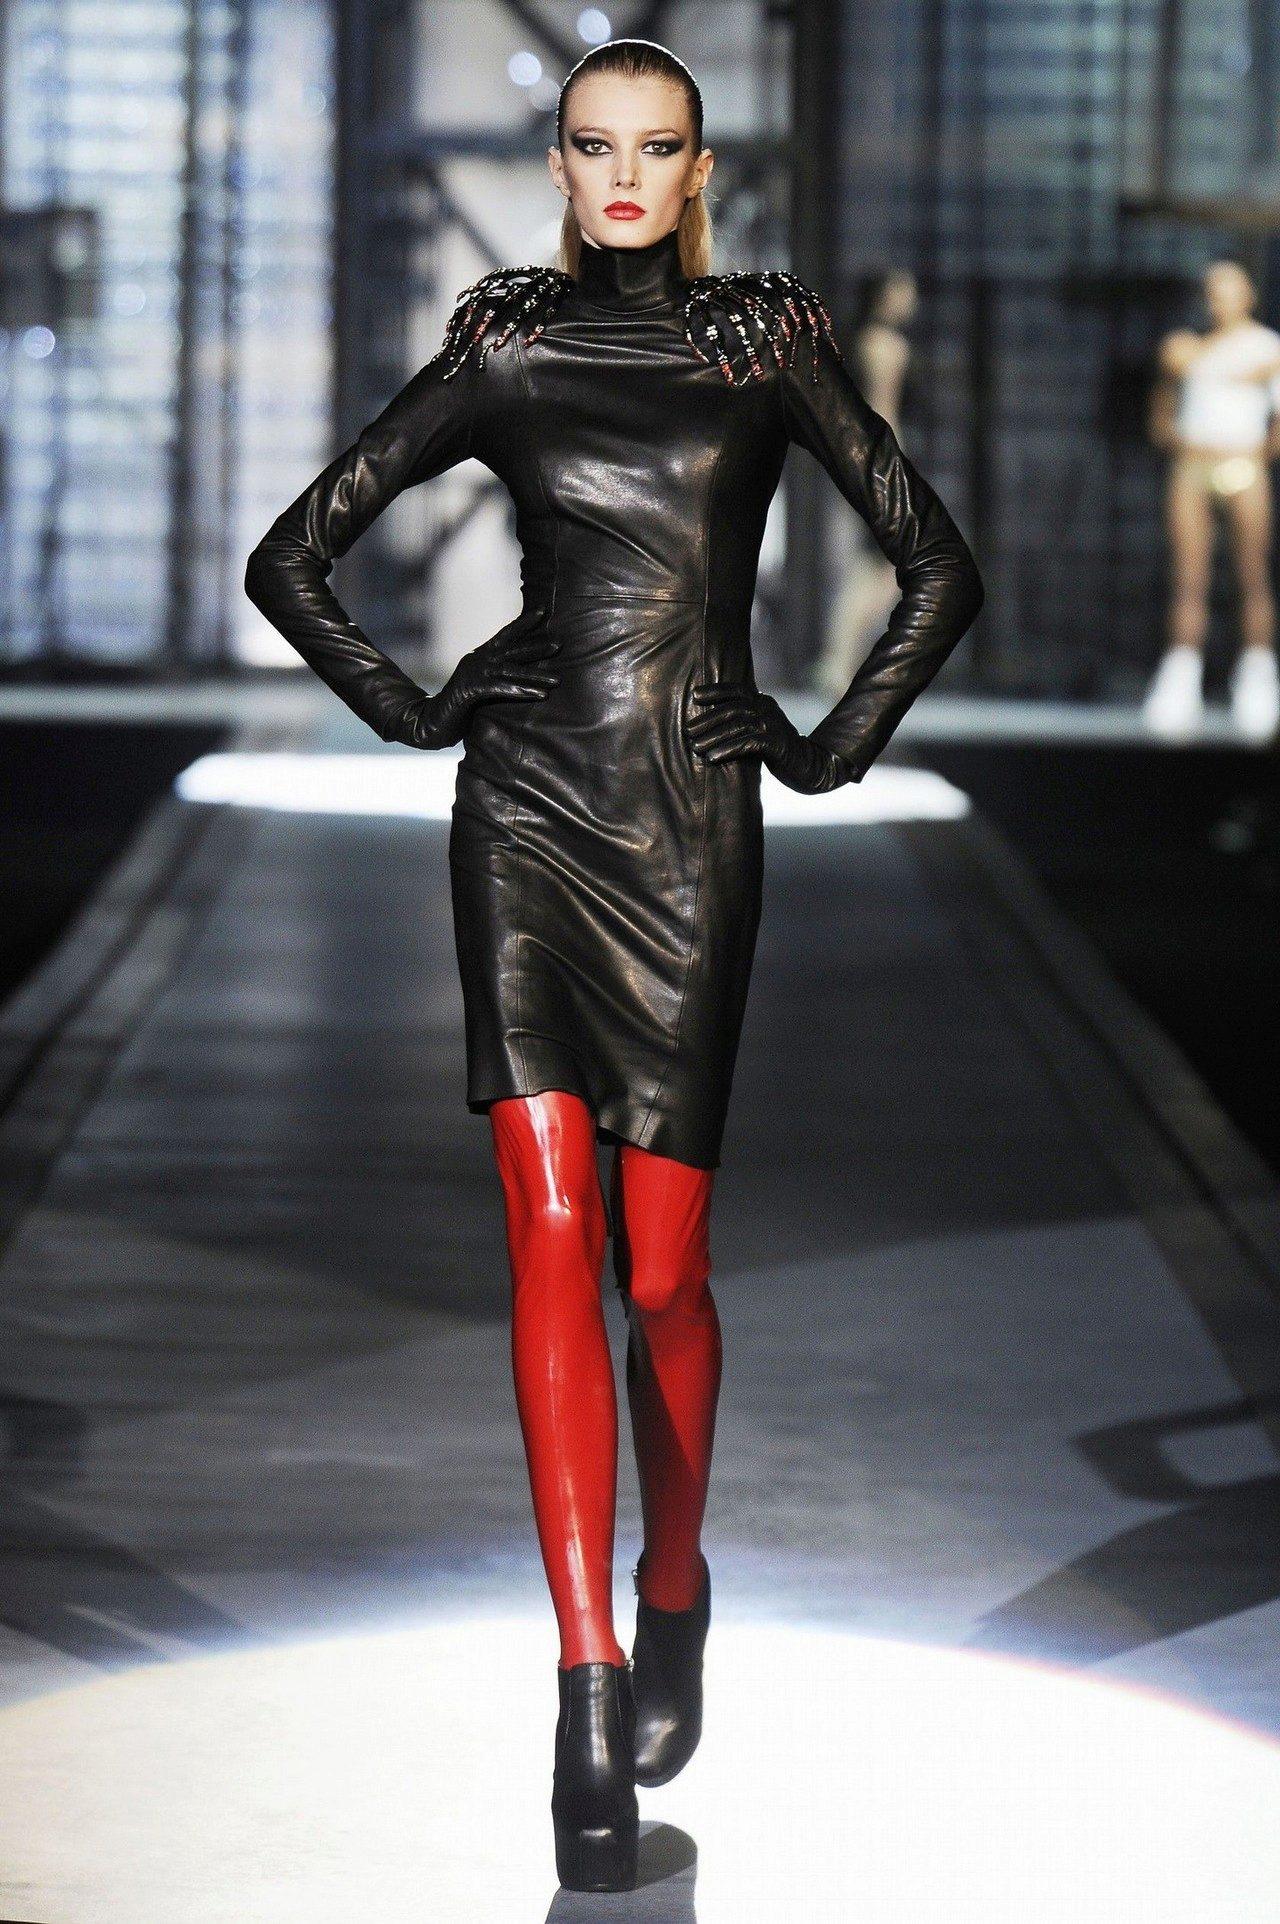 Фото женщин в кожаной одежды 23 фотография